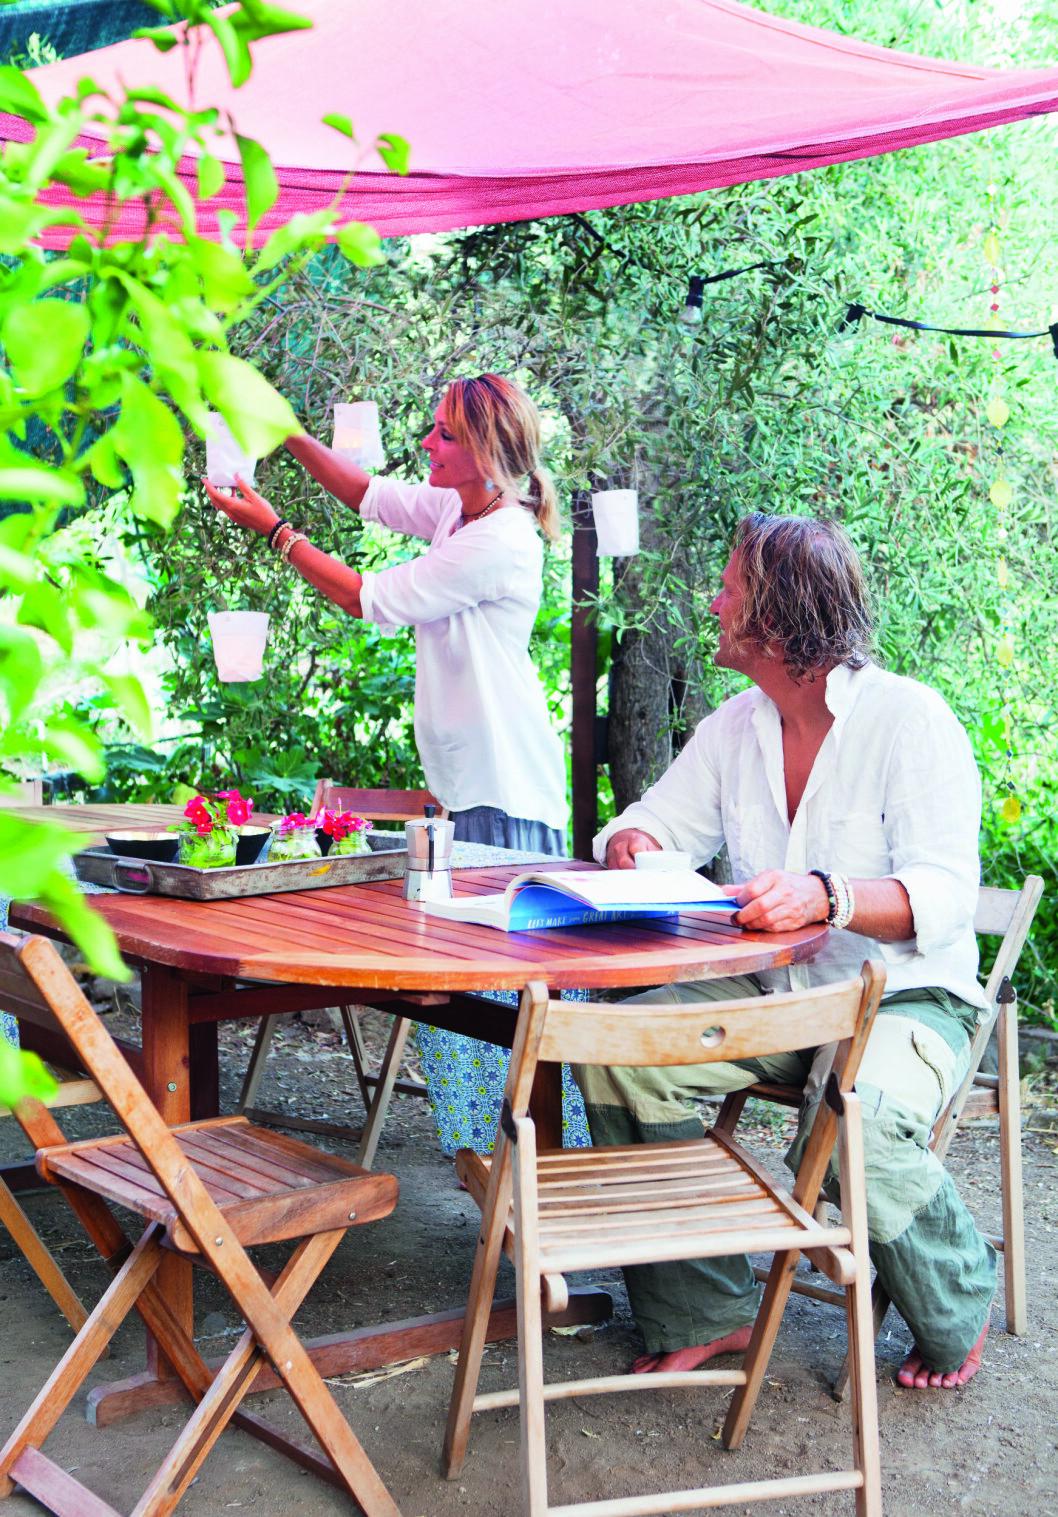 ELSKER PYNT: Ateeka elsker å pynte uterommet. Ingen grunn til å begrense kosen til husets fire vegger! Foto: Yvonne Wilhelmsen